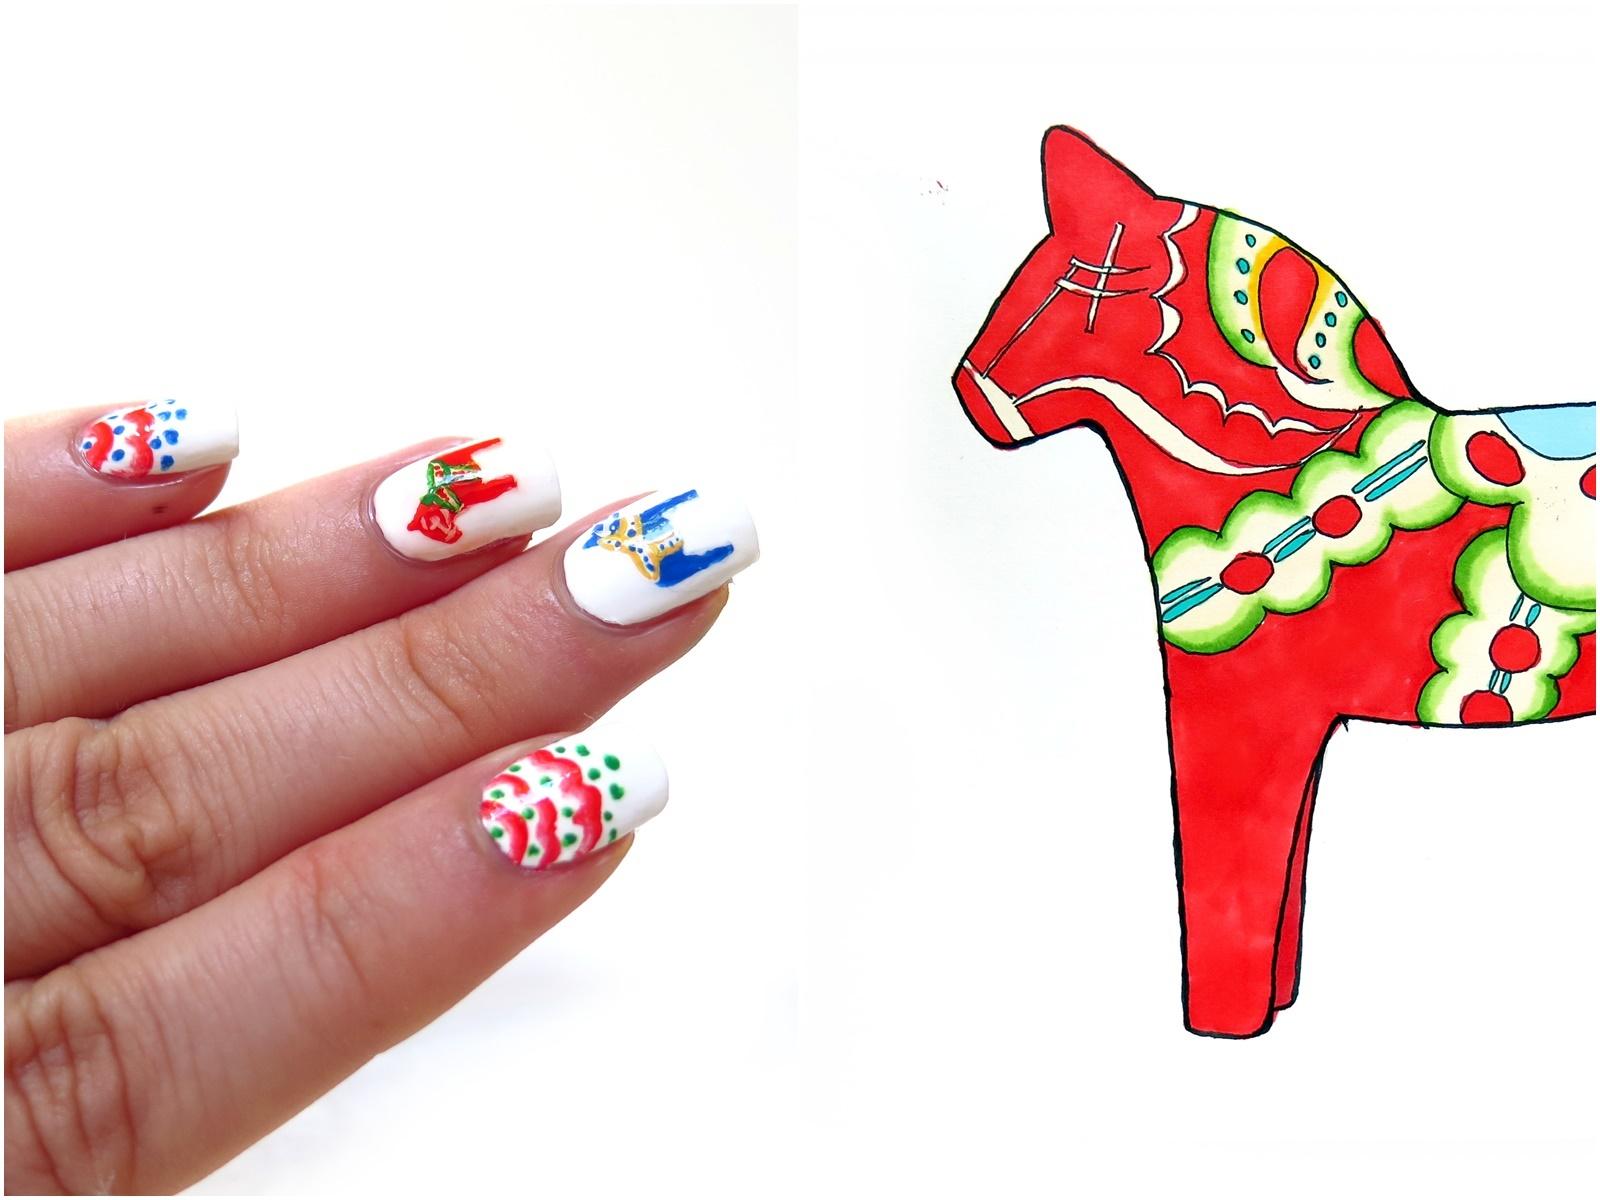 Inspiracje ze Szwecji w zdobieniu paznokci – 4 szwedzkie wzory z moich podróży